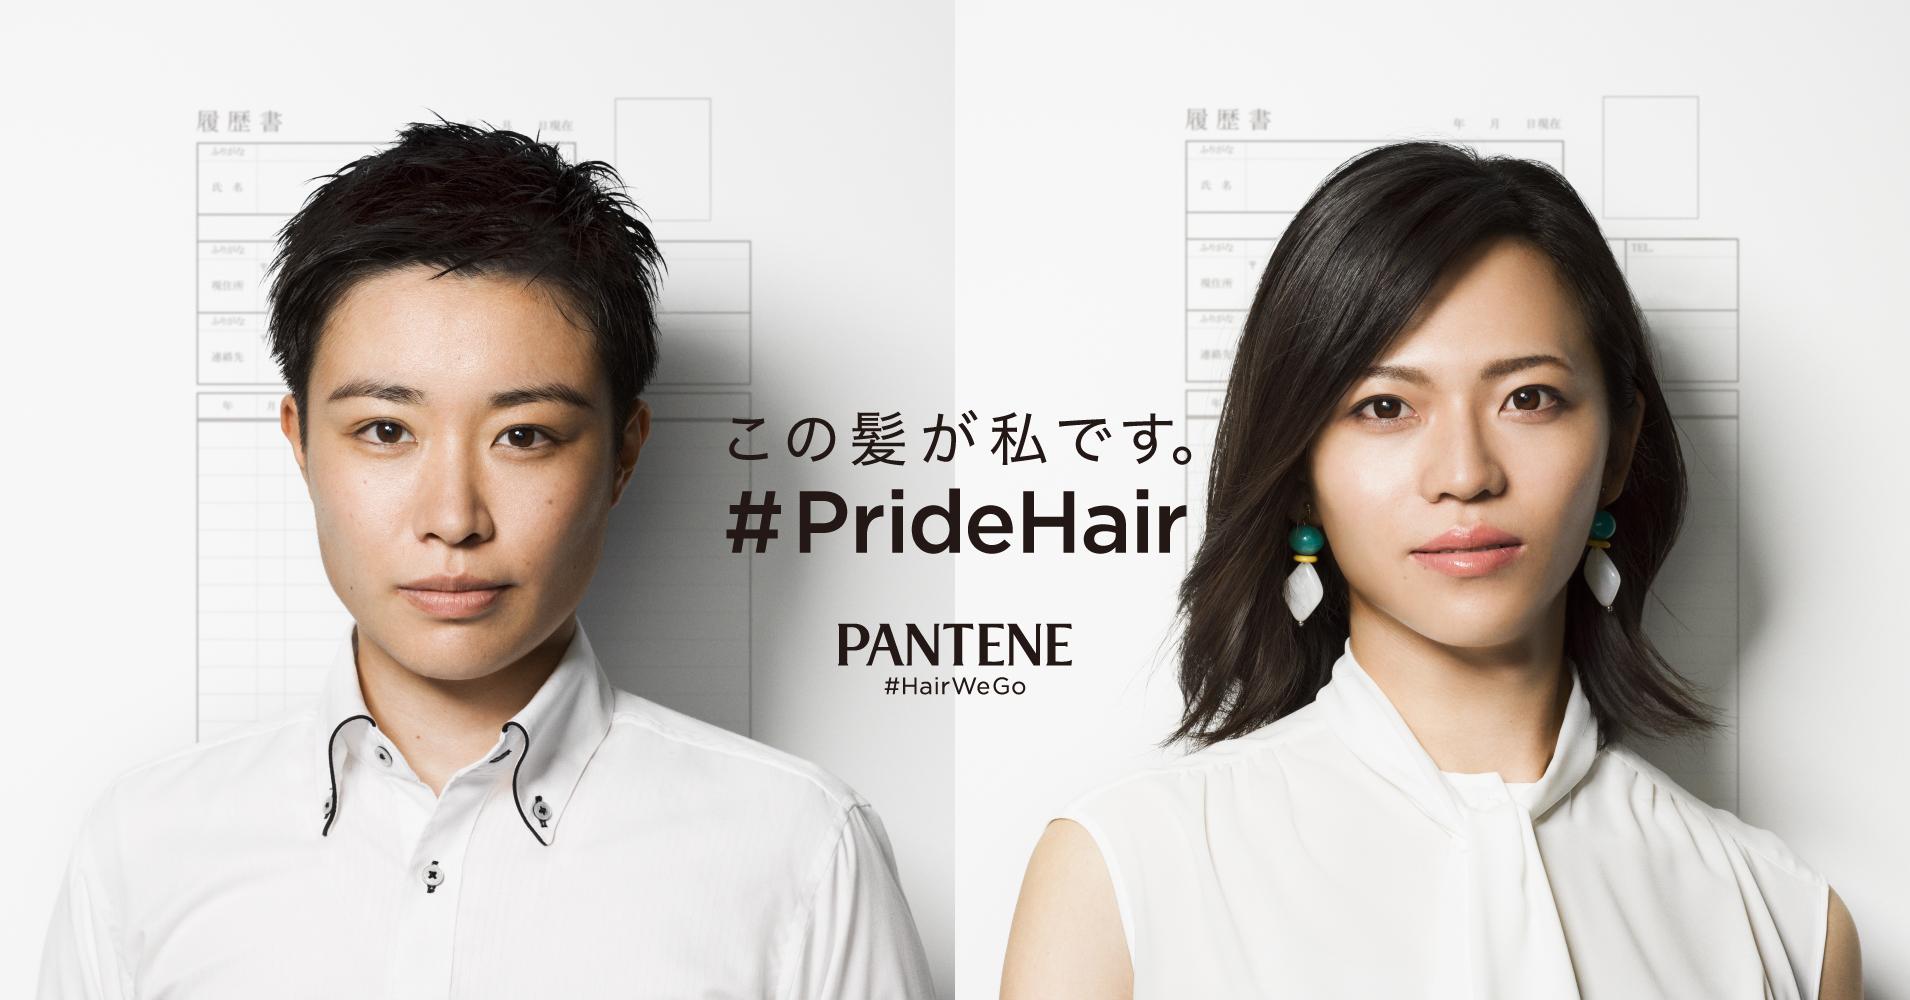 【PANTENE】#PrideHair